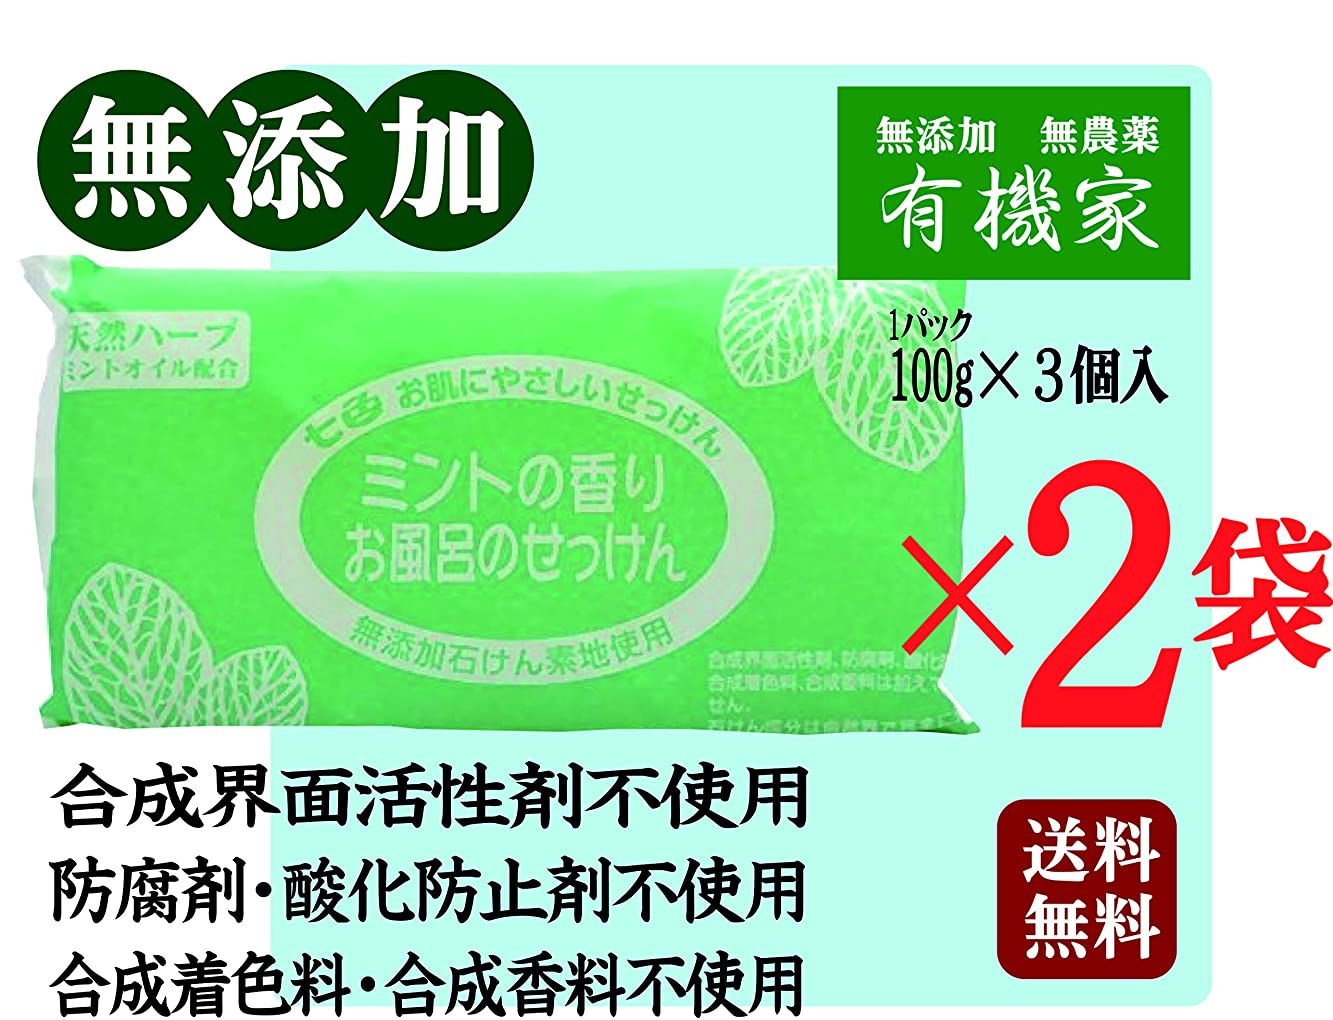 告白蓄積する警察署無添加 石鹸 七色 お風呂の せっけん ミントの香り (100g×3個入)×2パック★送料無料 ネコポス便で配送★お肌にやさしい石鹸です。無添加石けん素地使用。合成界面活性剤、防腐剤、酸化防止剤、合成着色料、合成香料は加えておりません。石けん成分は自然で完全に分離されます。天然ミントオイルを配合。洗顔の後やお風呂上がりがとてもさわやかです。